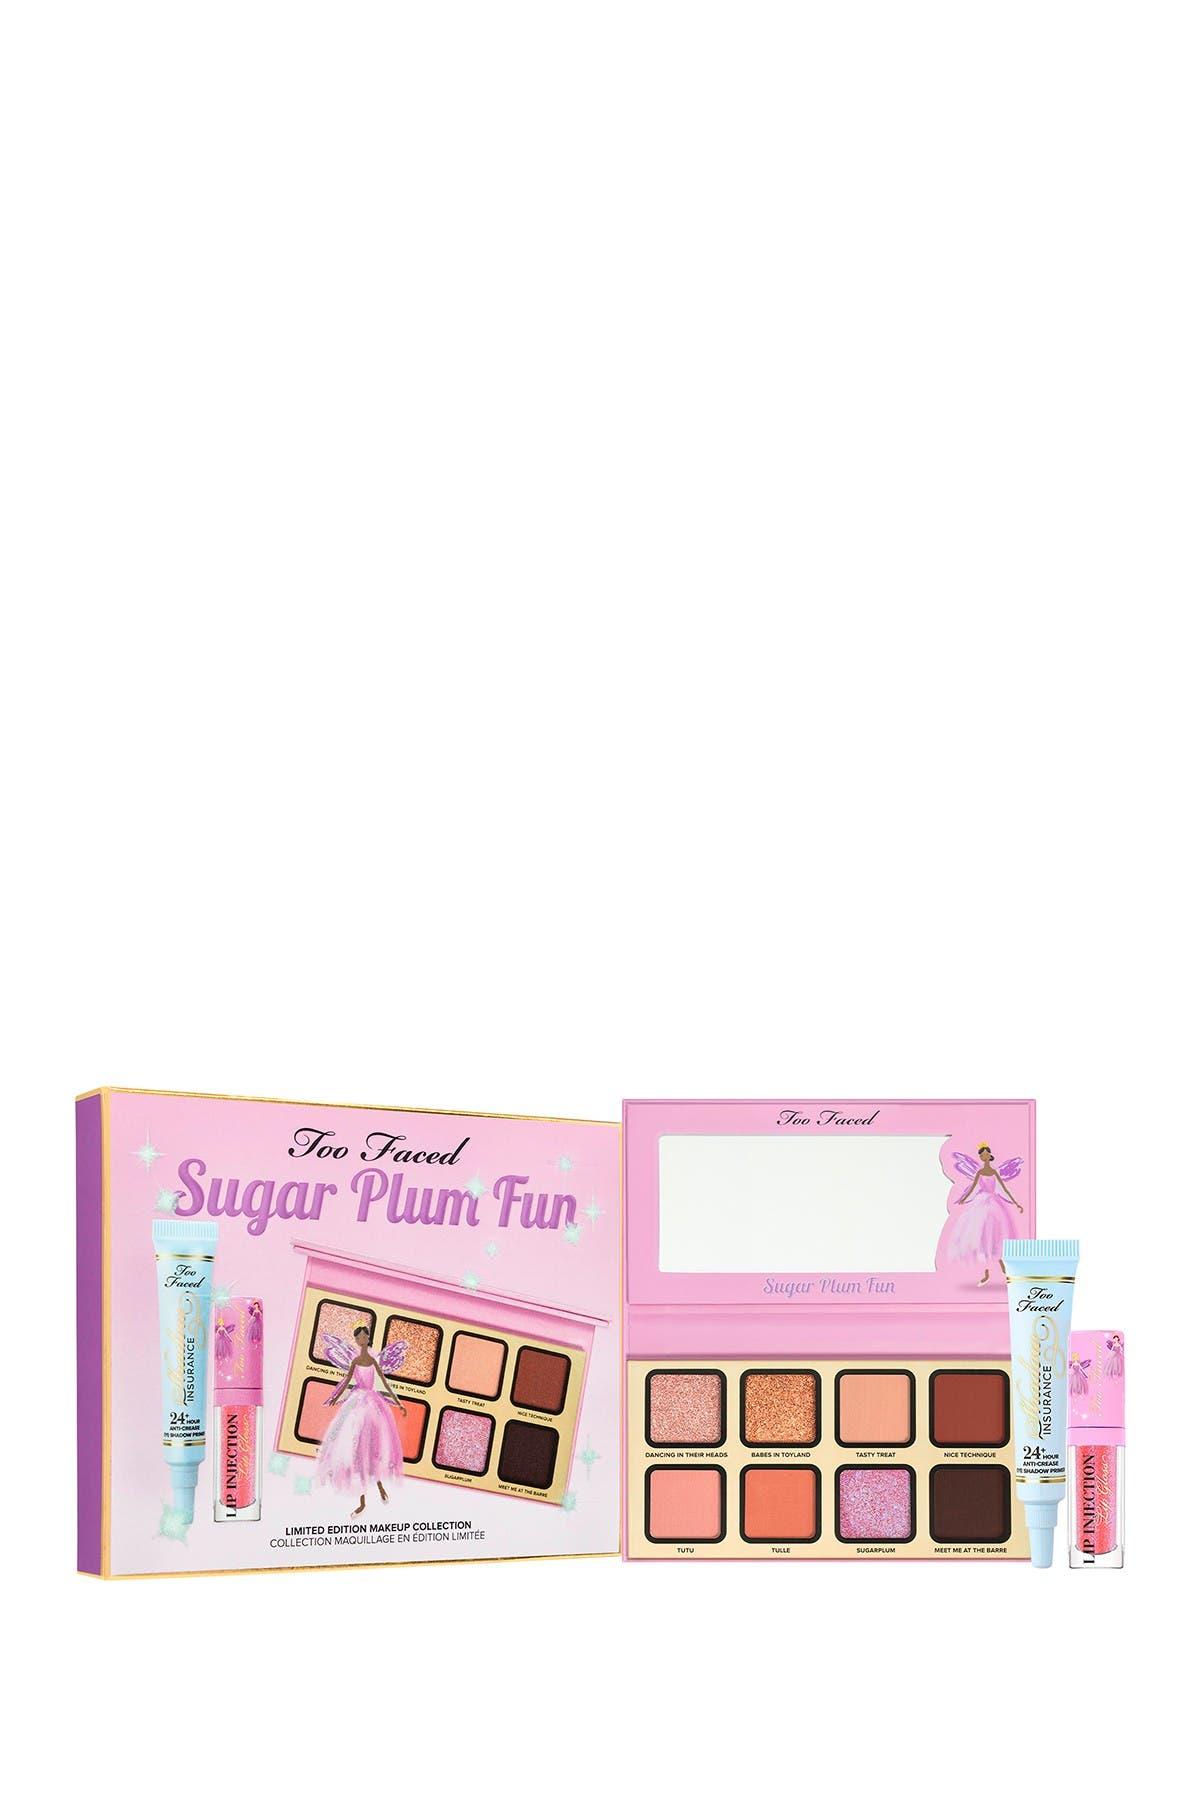 Image of Too Faced Sugar Plum Fun 3-Piece Makeup Set